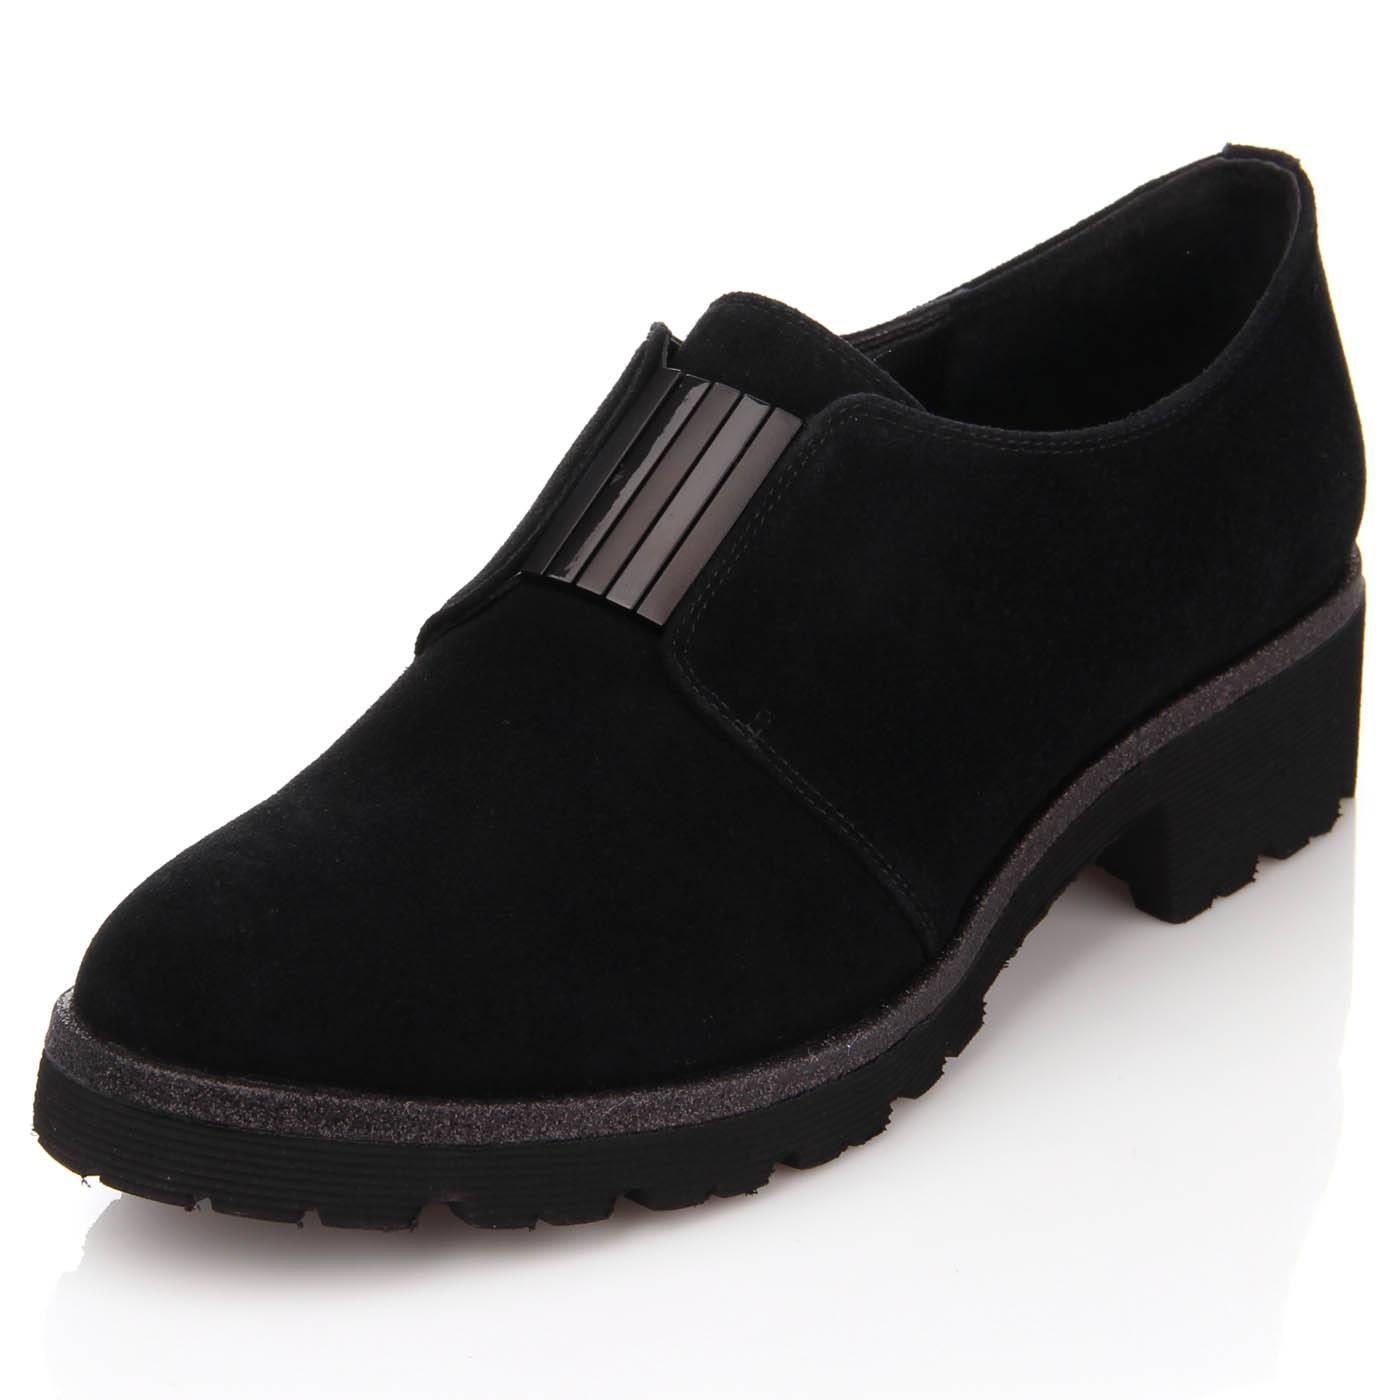 Туфли женские ditto 5814 Черный купить по выгодной цене в интернет ... 2f958108c08